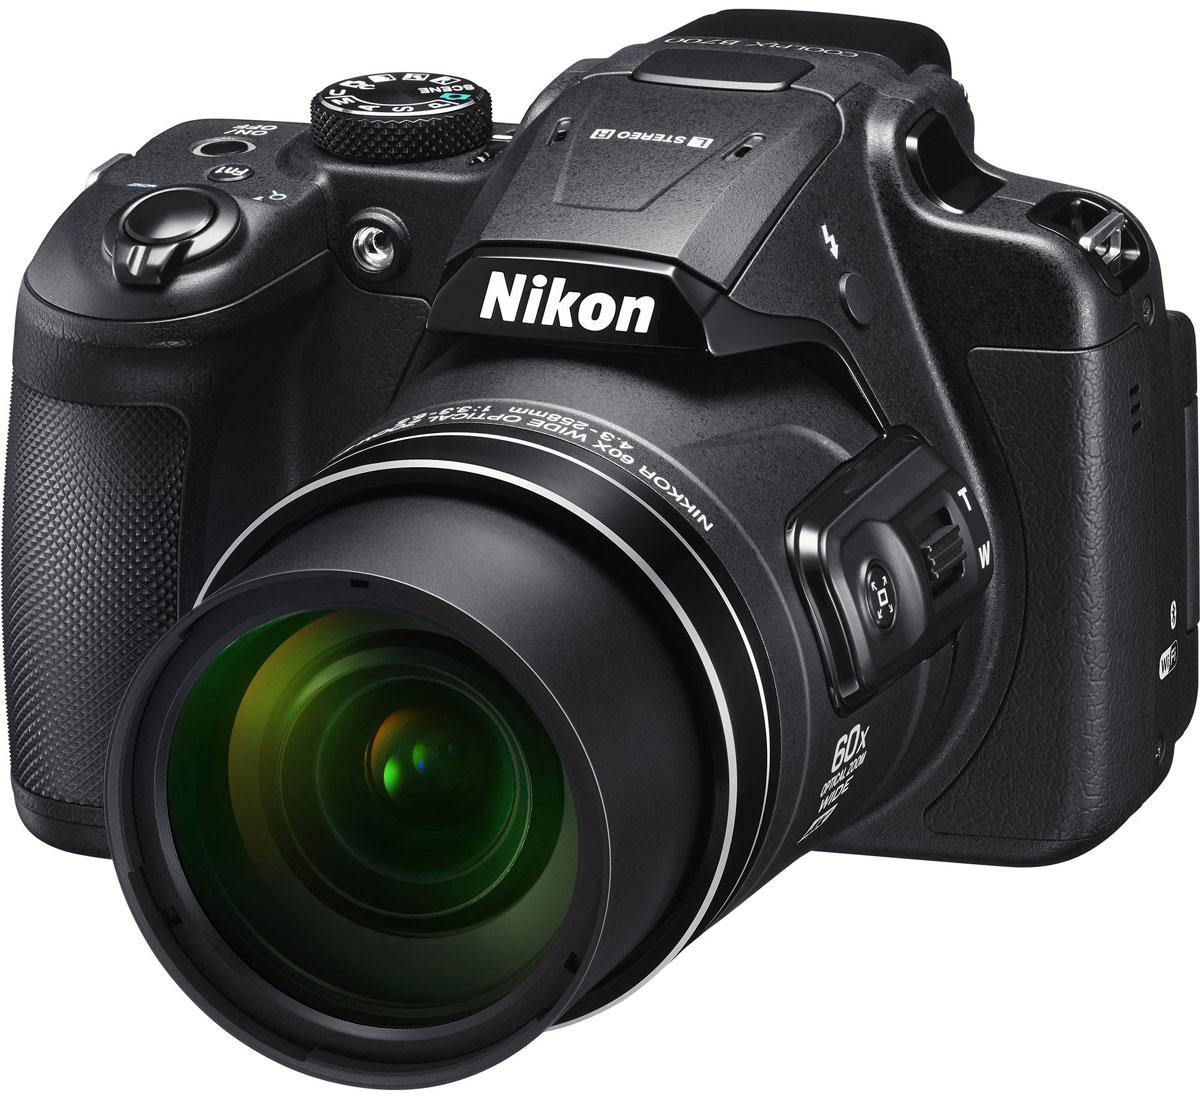 Nikon Coolpix B700, Black цифровая фотокамераVNA930E1Создавайте изображения с высокой детализацией с помощью 20,3-мегапиксельной фотокамеры Nikon Coolpix B700 с мощным зум-объективом.Оцените легендарное качество оптики NIKKOR в объективе с элементами из стекла ED, 60-кратным оптическим зумом, который можно увеличить до 120-кратного с помощью функции Dynamic Fine Zoom, позволяющим снимать на невероятных расстояниях, а также высокопроизводительной системой автофокусировки (АФ), обеспечивающей высокую точность съемки. Записывайте отвечающие требованиям завтрашнего дня видеоролики в формате 4K UHD и снимайте фотографии в формате RAW (NRW), обеспечивающем высочайшее качество изображений. Система Dual Detect Optical VR (подавление вибраций), позволяющая увеличить выдержку на 5 ступеней, и боковой рычажок зуммирования сводят к минимуму влияние дрожания фотокамеры. Кроме того, для съемки можно использовать электронный видоискатель или ЖК-монитор с переменным углом наклона. Поддерживайте соединение фотокамеры с интеллектуальным устройством с помощью приложения SnapBridge.Снимайте диких животных с безопасного расстояния, фотографируйте звезды в ночном небе или ловите самые впечатляющие моменты спортивных соревнований, используя объектив NIKKOR со сверхмощным 60-кратным оптическим зумом, который можно расширить до 120-кратного с помощью функции Dynamic Fine Zoom. Диапазон зуммирования охватывает углы зрения от широкоугольного 24 мм до супертелефото 1440 мм (эквивалент для формата 35 мм), а также поддерживает макросъемку объектов, расположенных на расстоянии всего 1 см от объектива. Залогом превосходных результатов является надежная оптика NIKKOR с использованием стекла Super ED. Конструкция объектива с элементом из стекла Super ED обладает улучшенными характеристиками, в том числе чрезвычайно высокой способностью к устранению вторичного спектра, что обеспечивает превосходную коррекцию хроматической аберрации.Высокое разрешение КМОП-матрицы фотокамеры позволяет создавать изобра